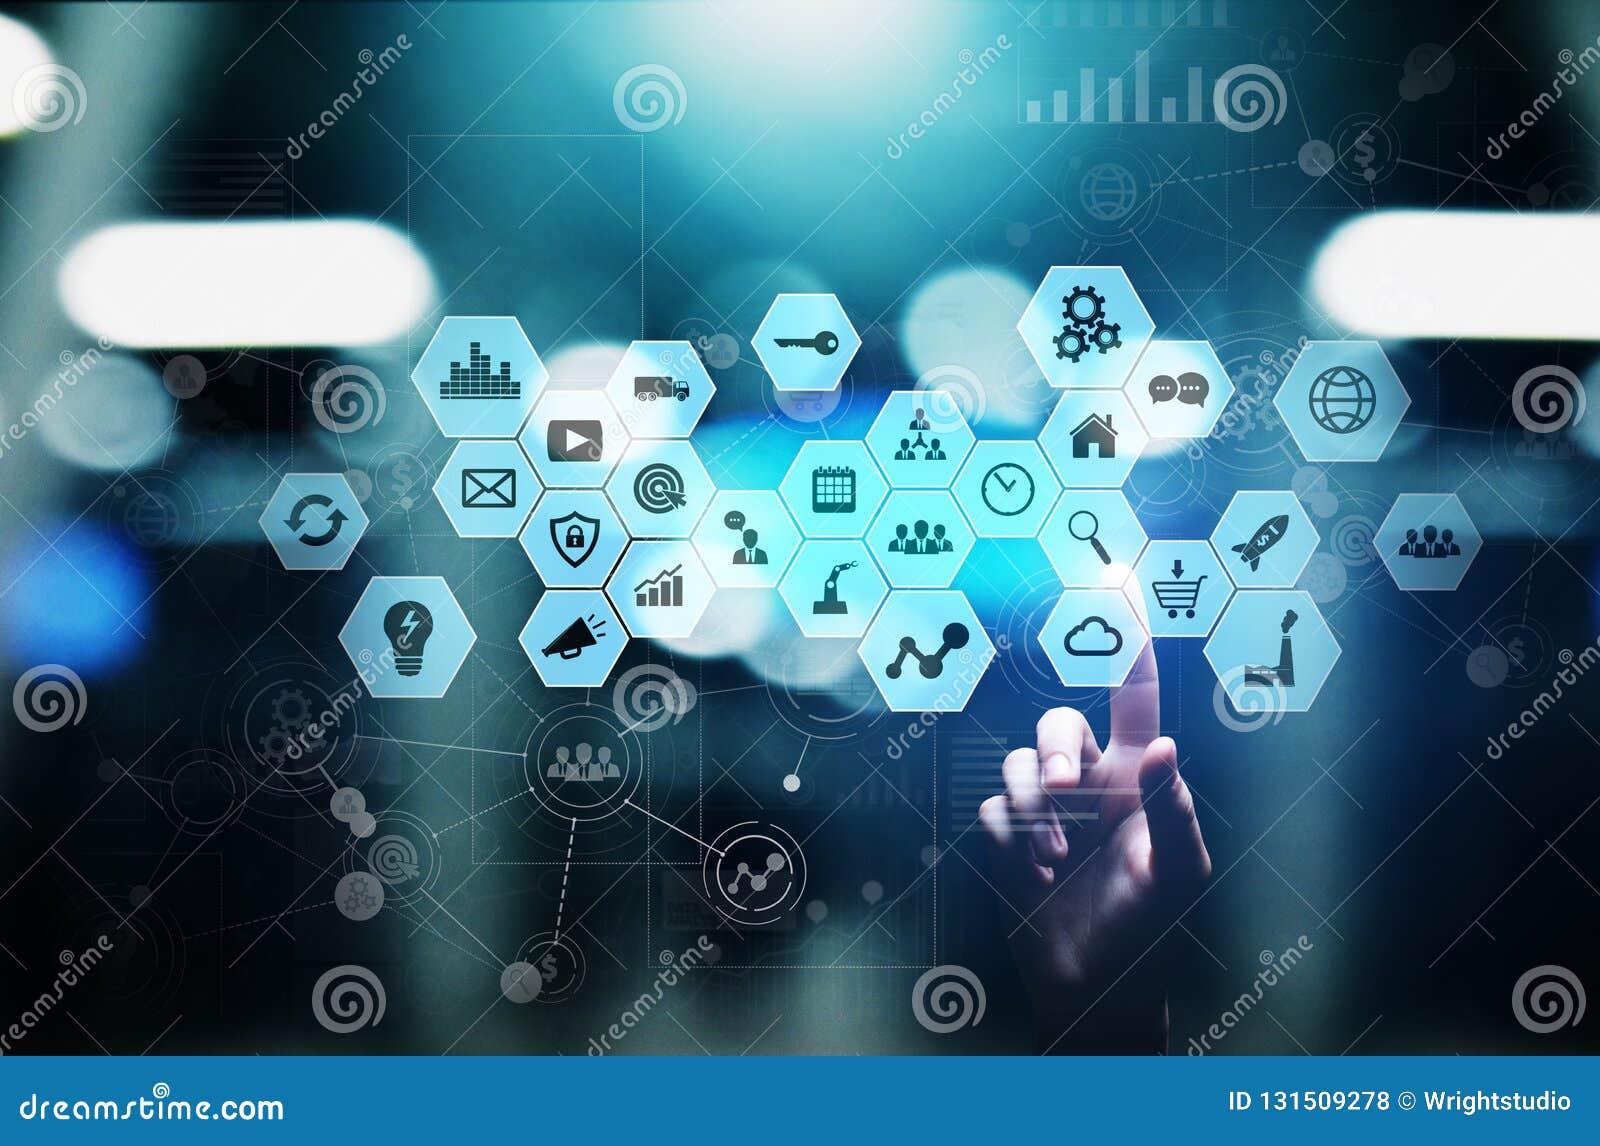 Mieszani środki, business intelligence ikony na wirtualnym ekranie, analiza i duzi dane, - przetwarzać deskę rozdzielczą pojęcia